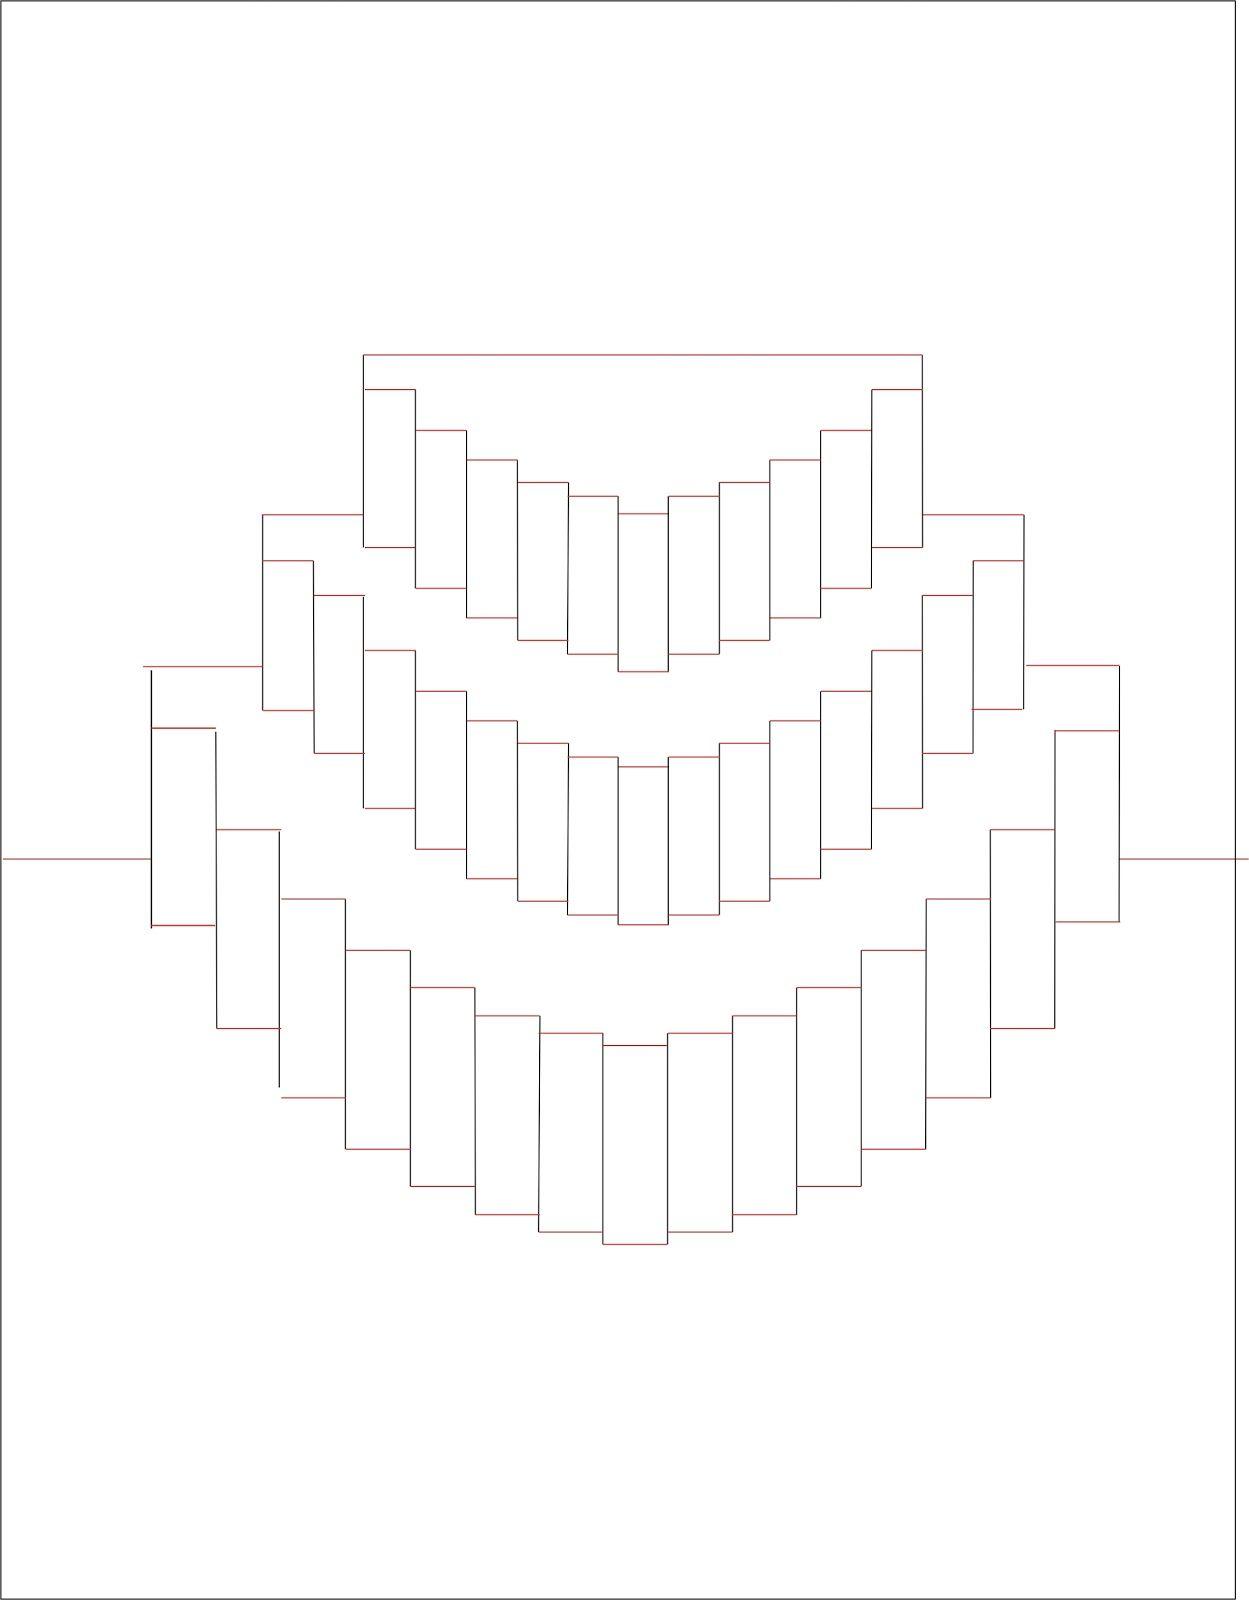 киригами открытка торт схема как сделать высококвалифицированных